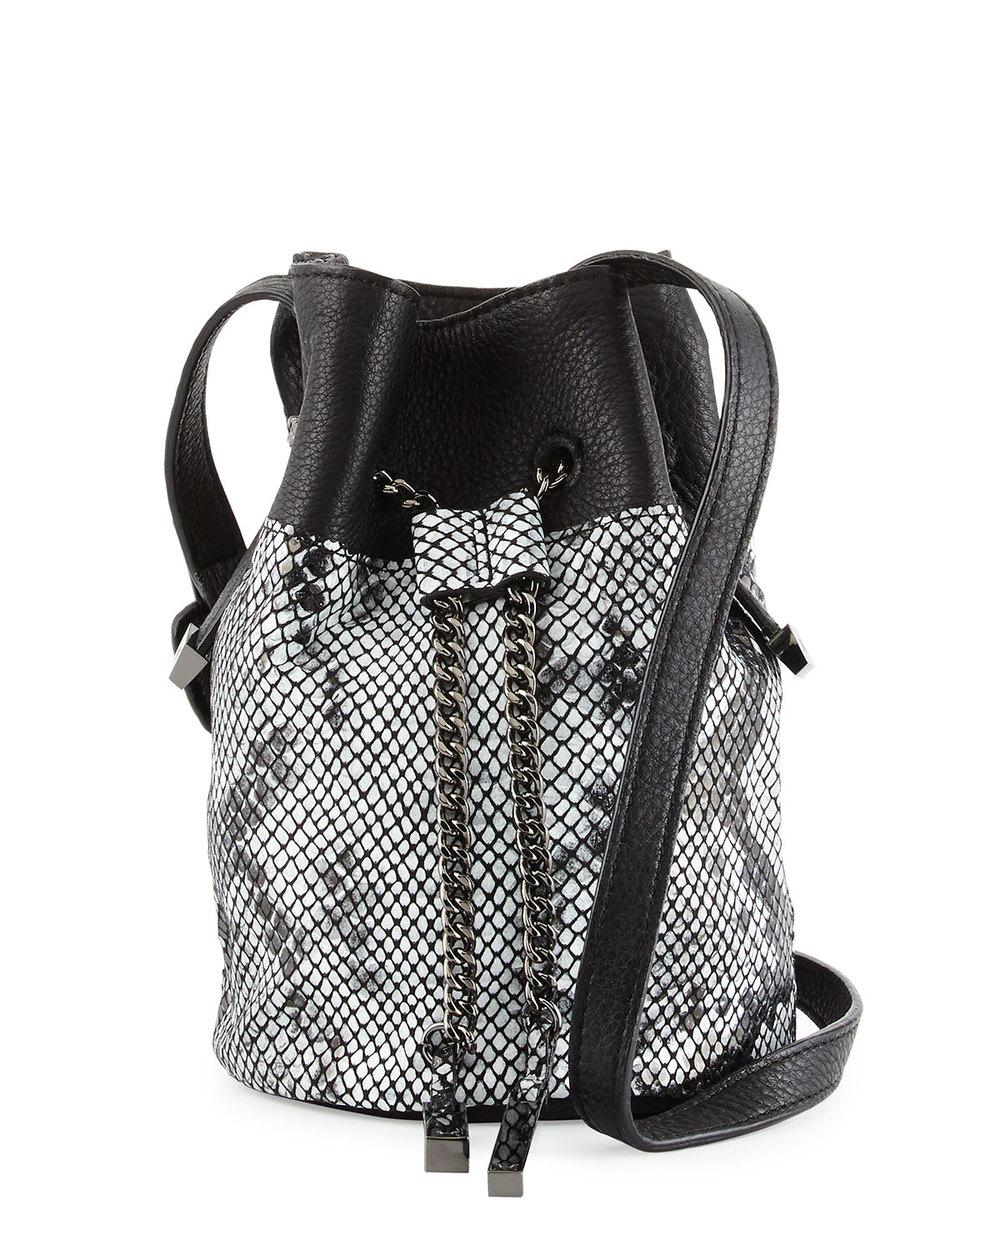 Halston Heritage Snake-Embossed Leather Bucket Bag, Black/Multi • $194.40 • Neiman Marcus